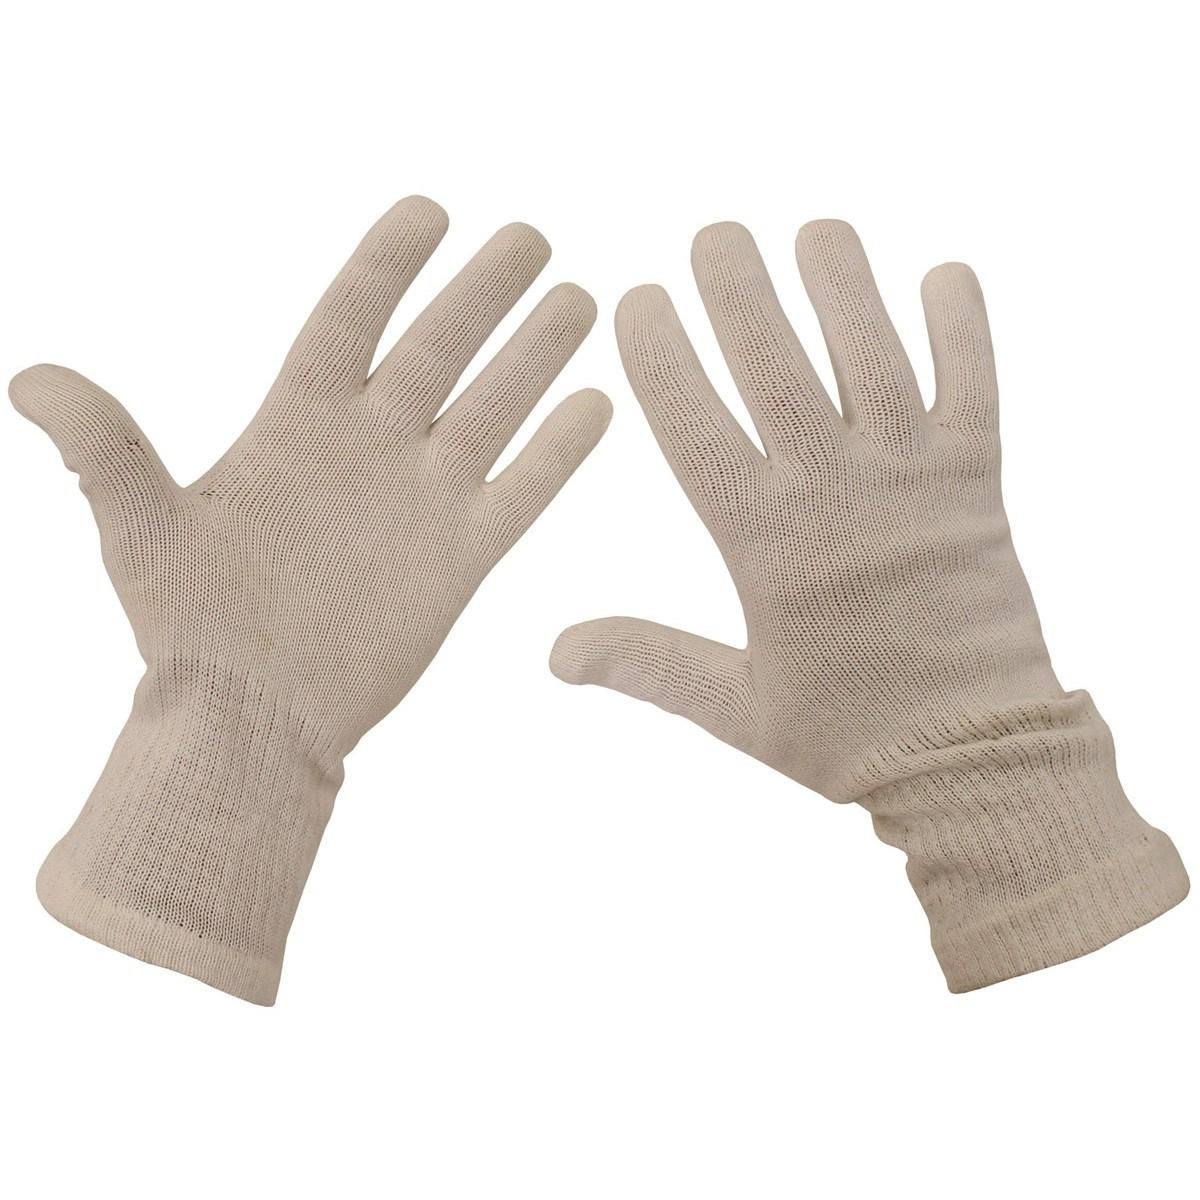 Rukavice prstové AÈR pletené bílé použité - zvìtšit obrázek